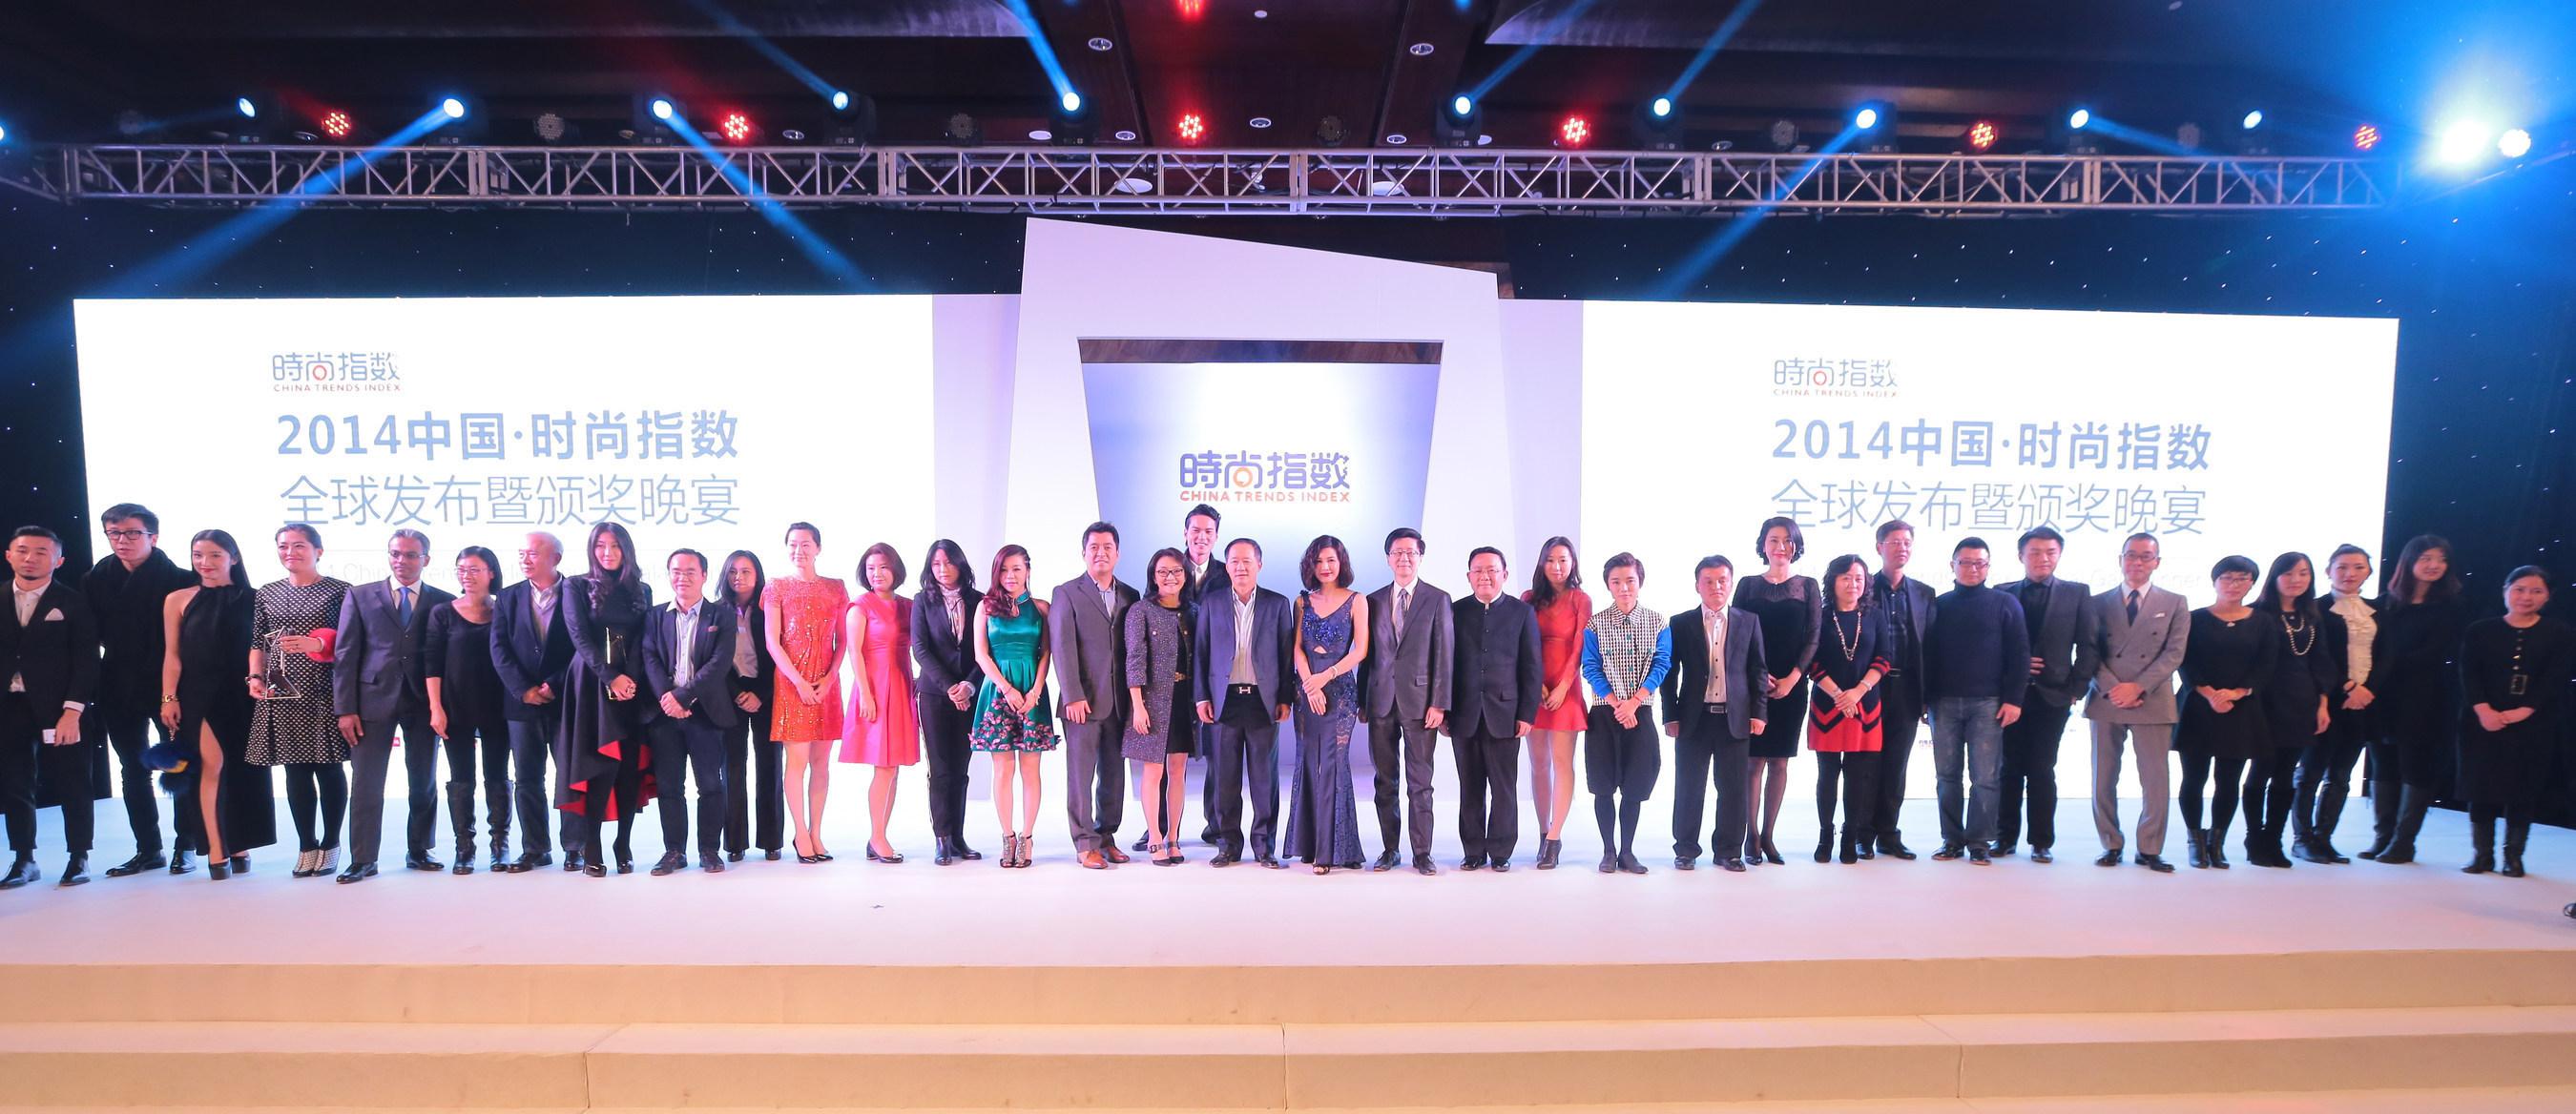 Jährliche Konferenz zum China Trends Index 2014 fand in Peking statt